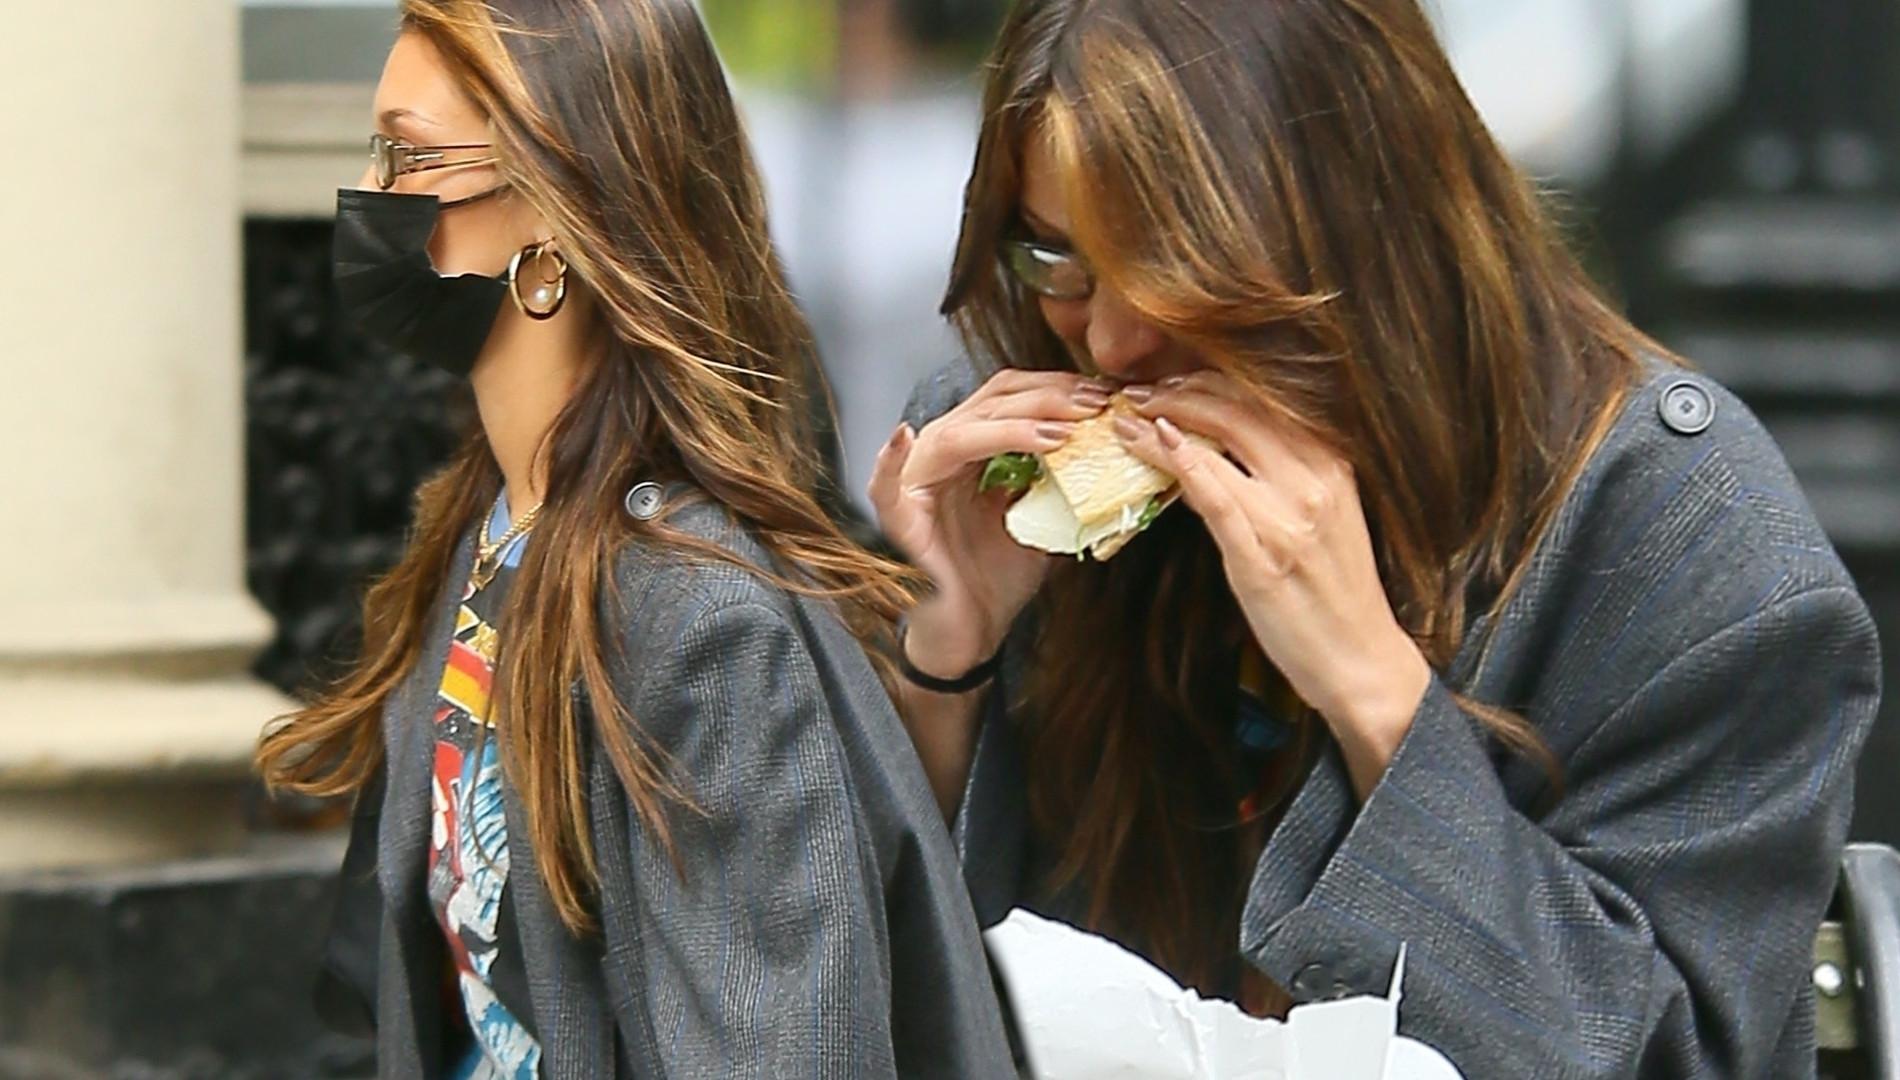 Zamaskowana Bella Hadid pochłania kanapkę. Poznalibyście ją na ulicy?